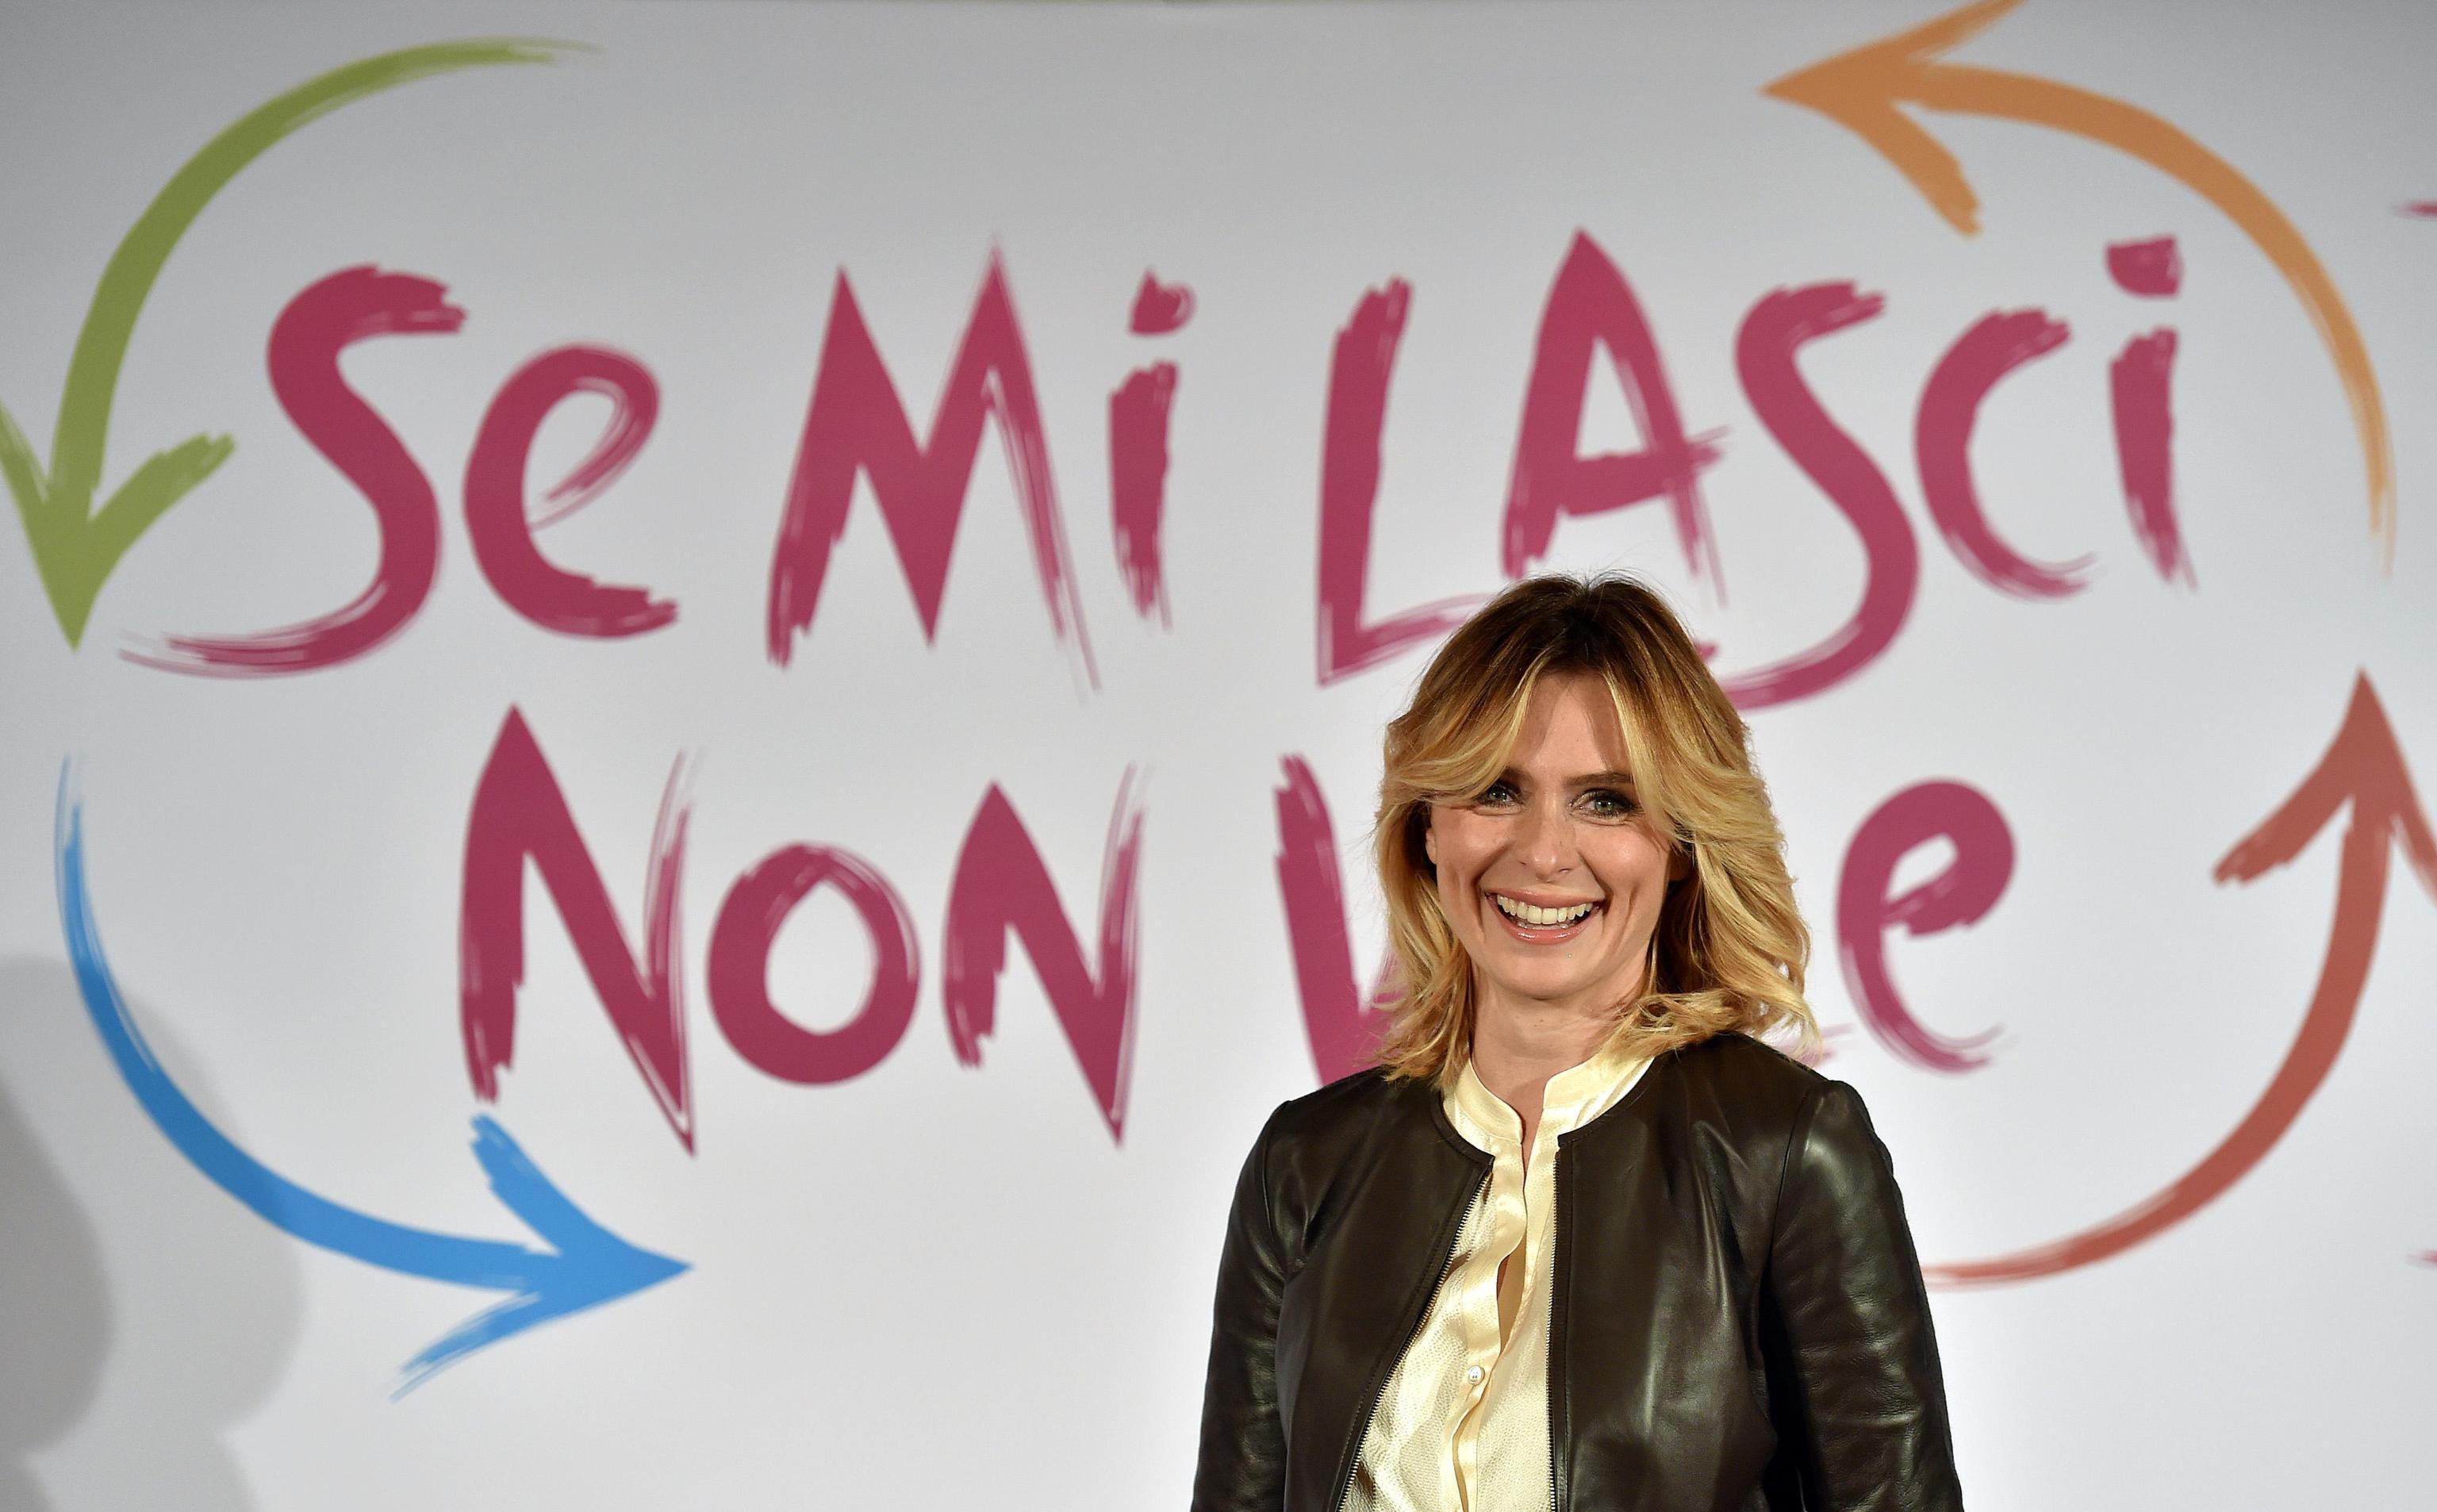 Serena Autieri difende Fausto Brizzi: 'L'uomo ci prova, la donna può rifiutare'